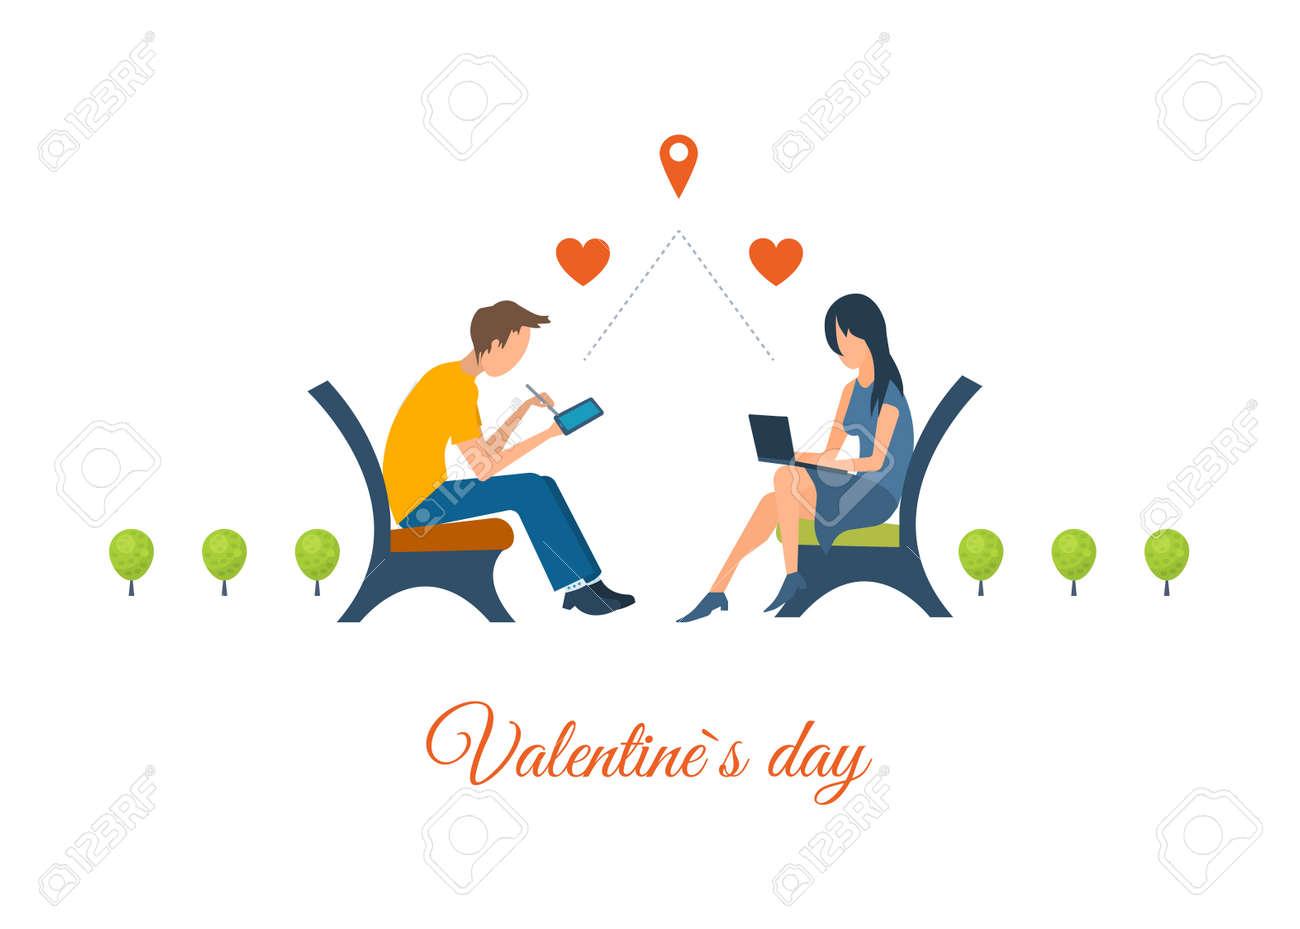 Garçon Et Fille Parlant Sur Internet La Communication En Ligne Réunion Amour Couple Carte Postale Saint Valentin La Lettre De Voeux De La